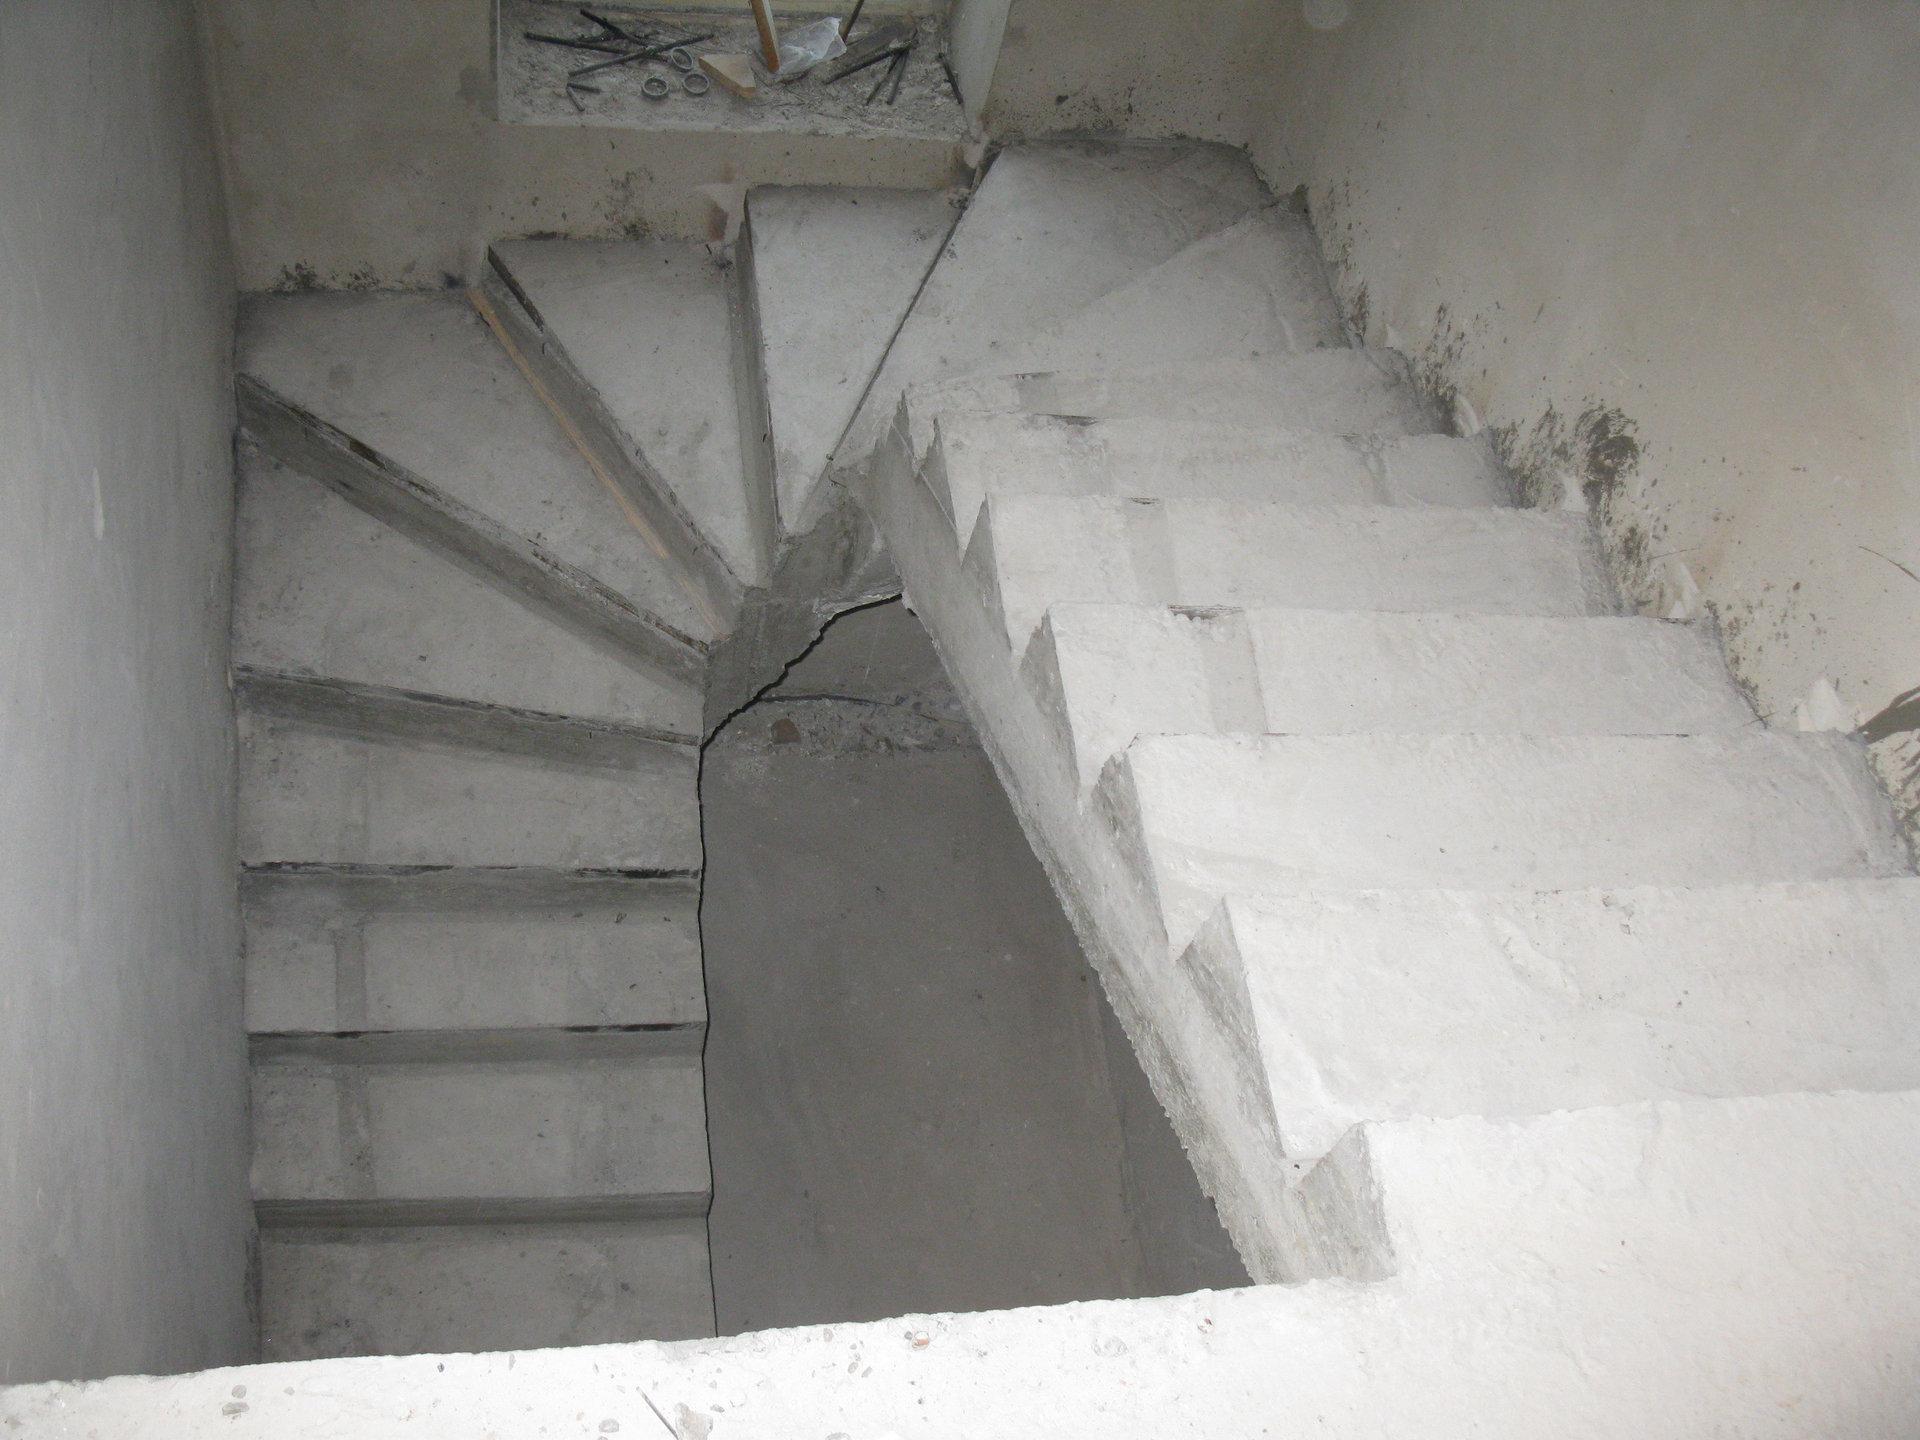 Бетонные лестницы на одном или на двух